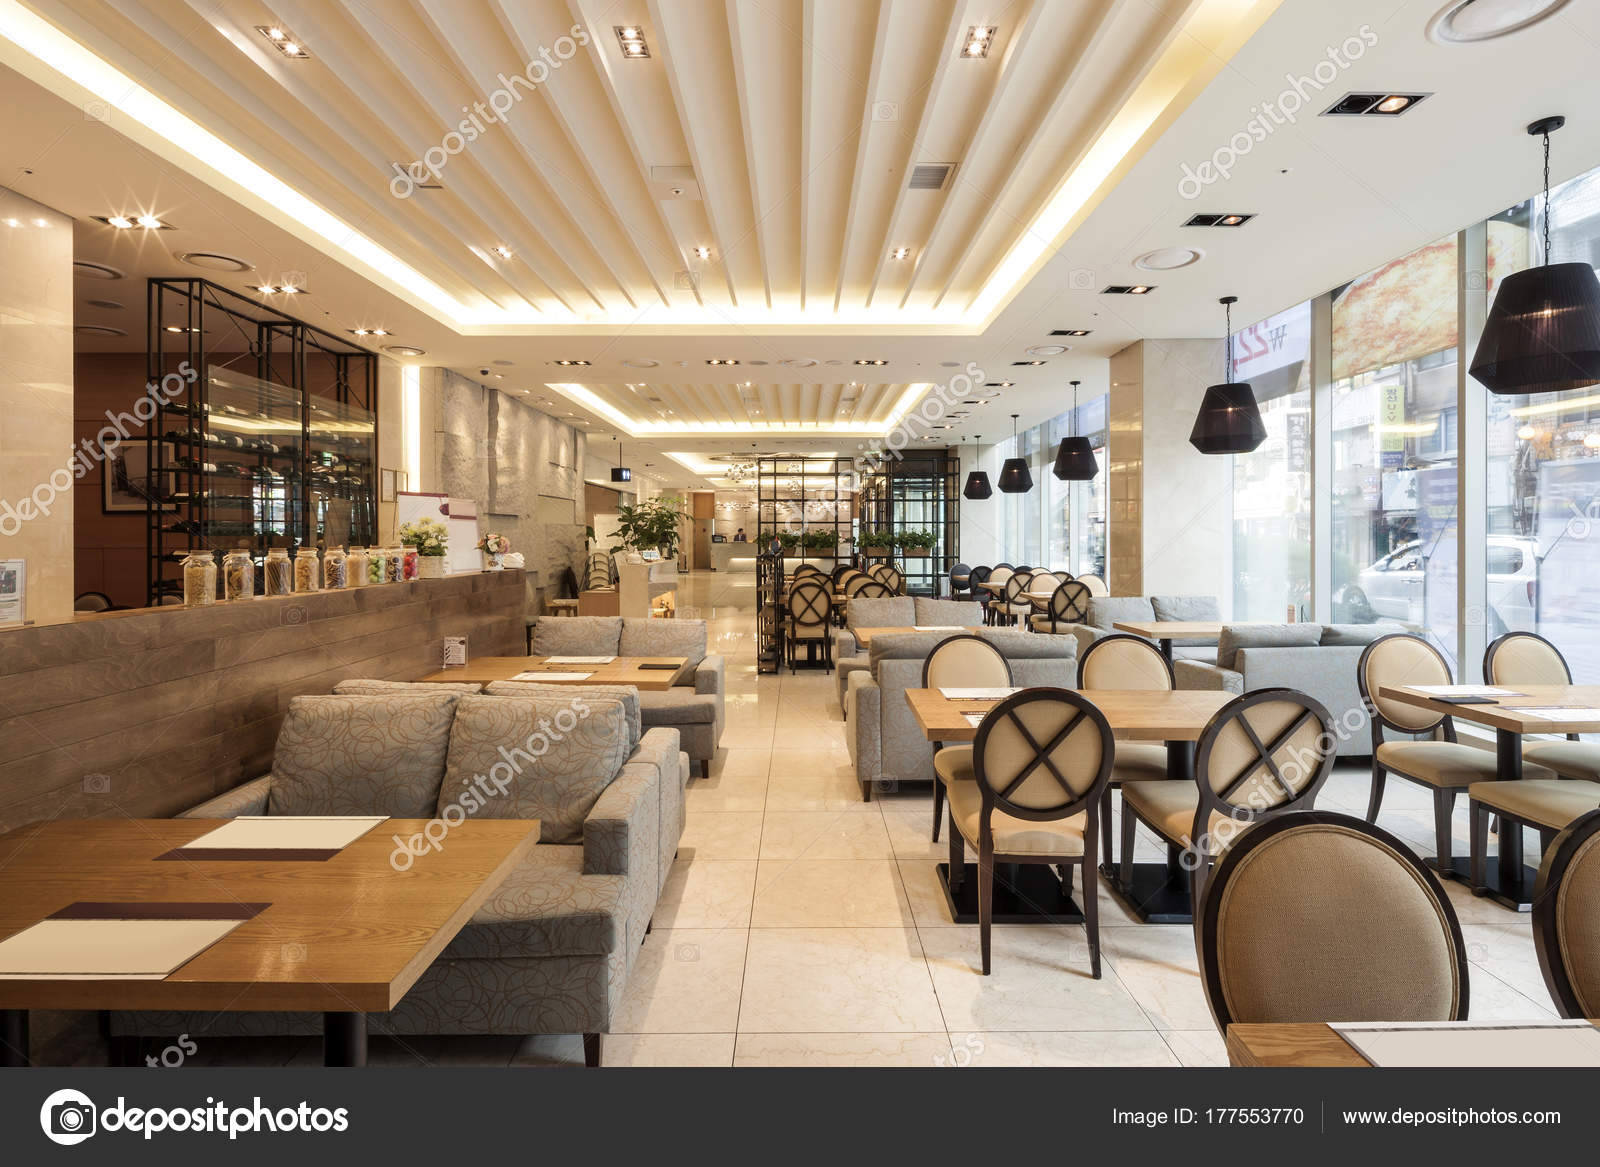 Moderno cl ssico hotel caf fotografias de stock for Interior design moderno